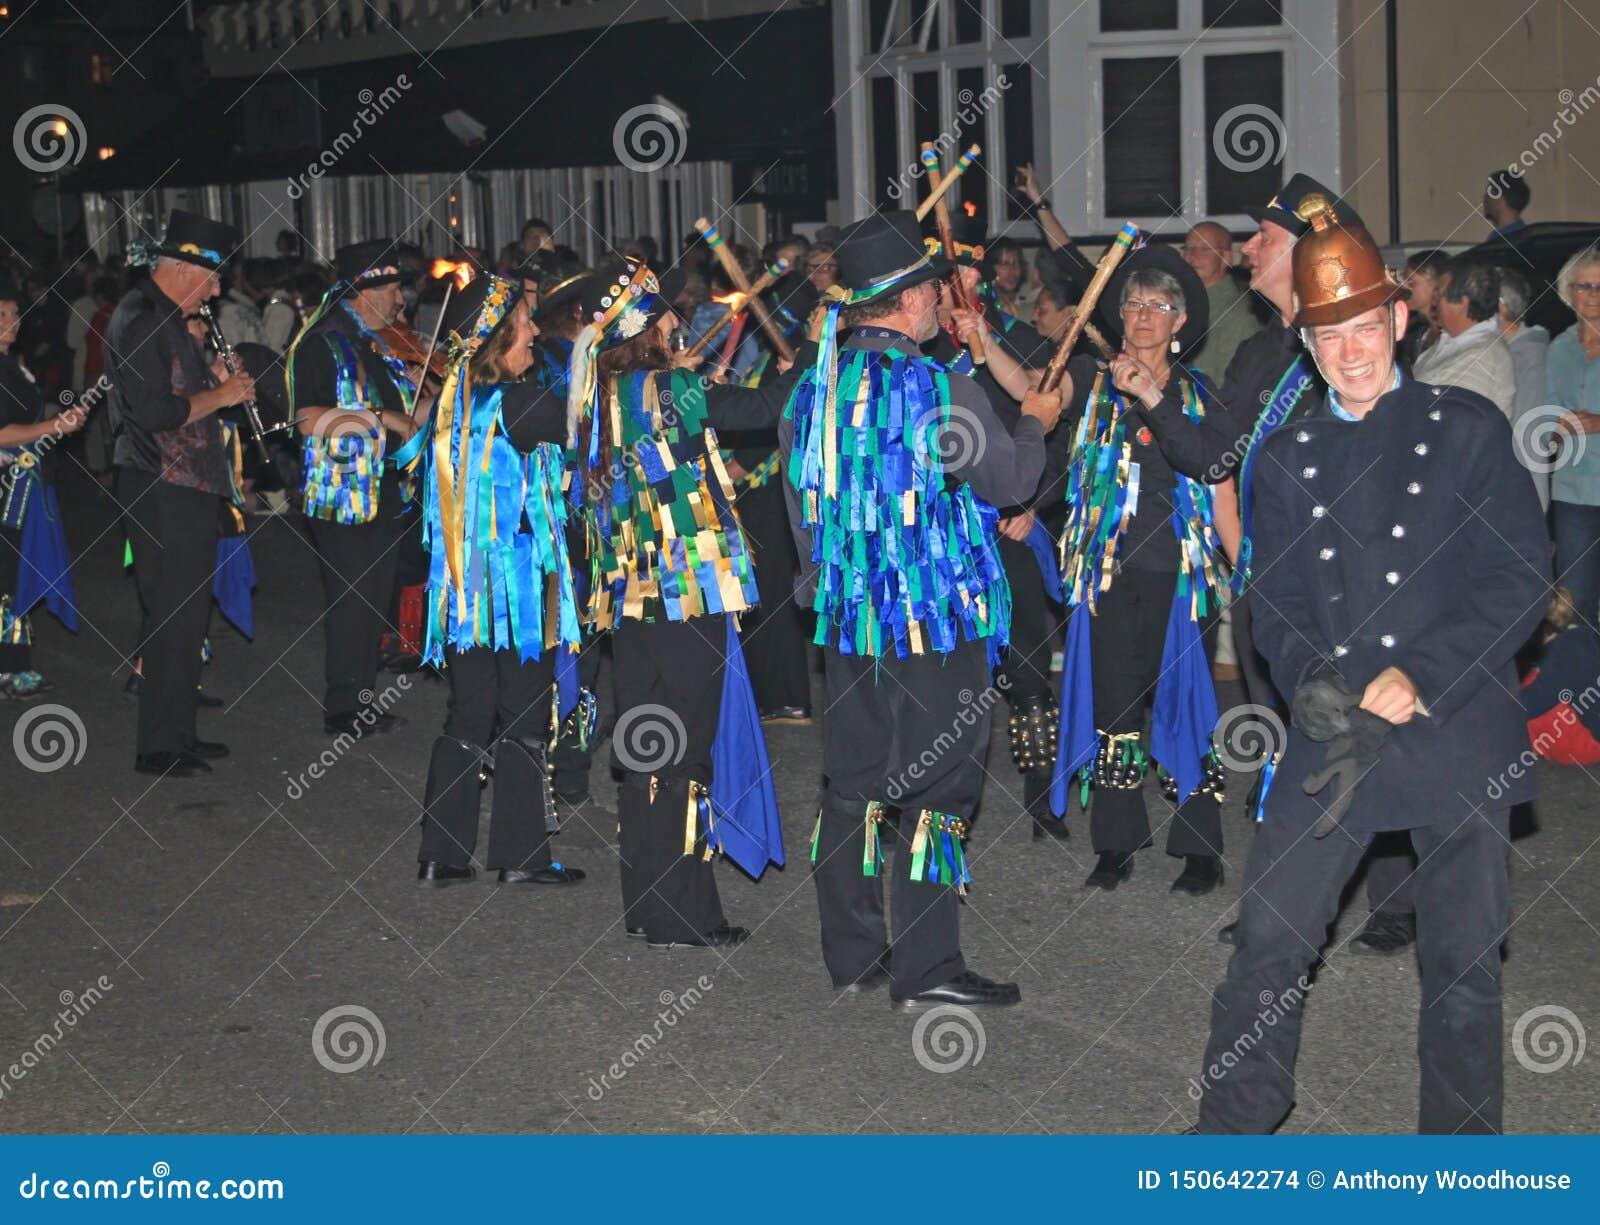 SIDMOUTH, ДЕВОН, АНГЛИЯ - 10-ОЕ АВГУСТА 2012: Группа в составе танцоры Моррис одетые в украшенных верхних шляпах и неровных голуб